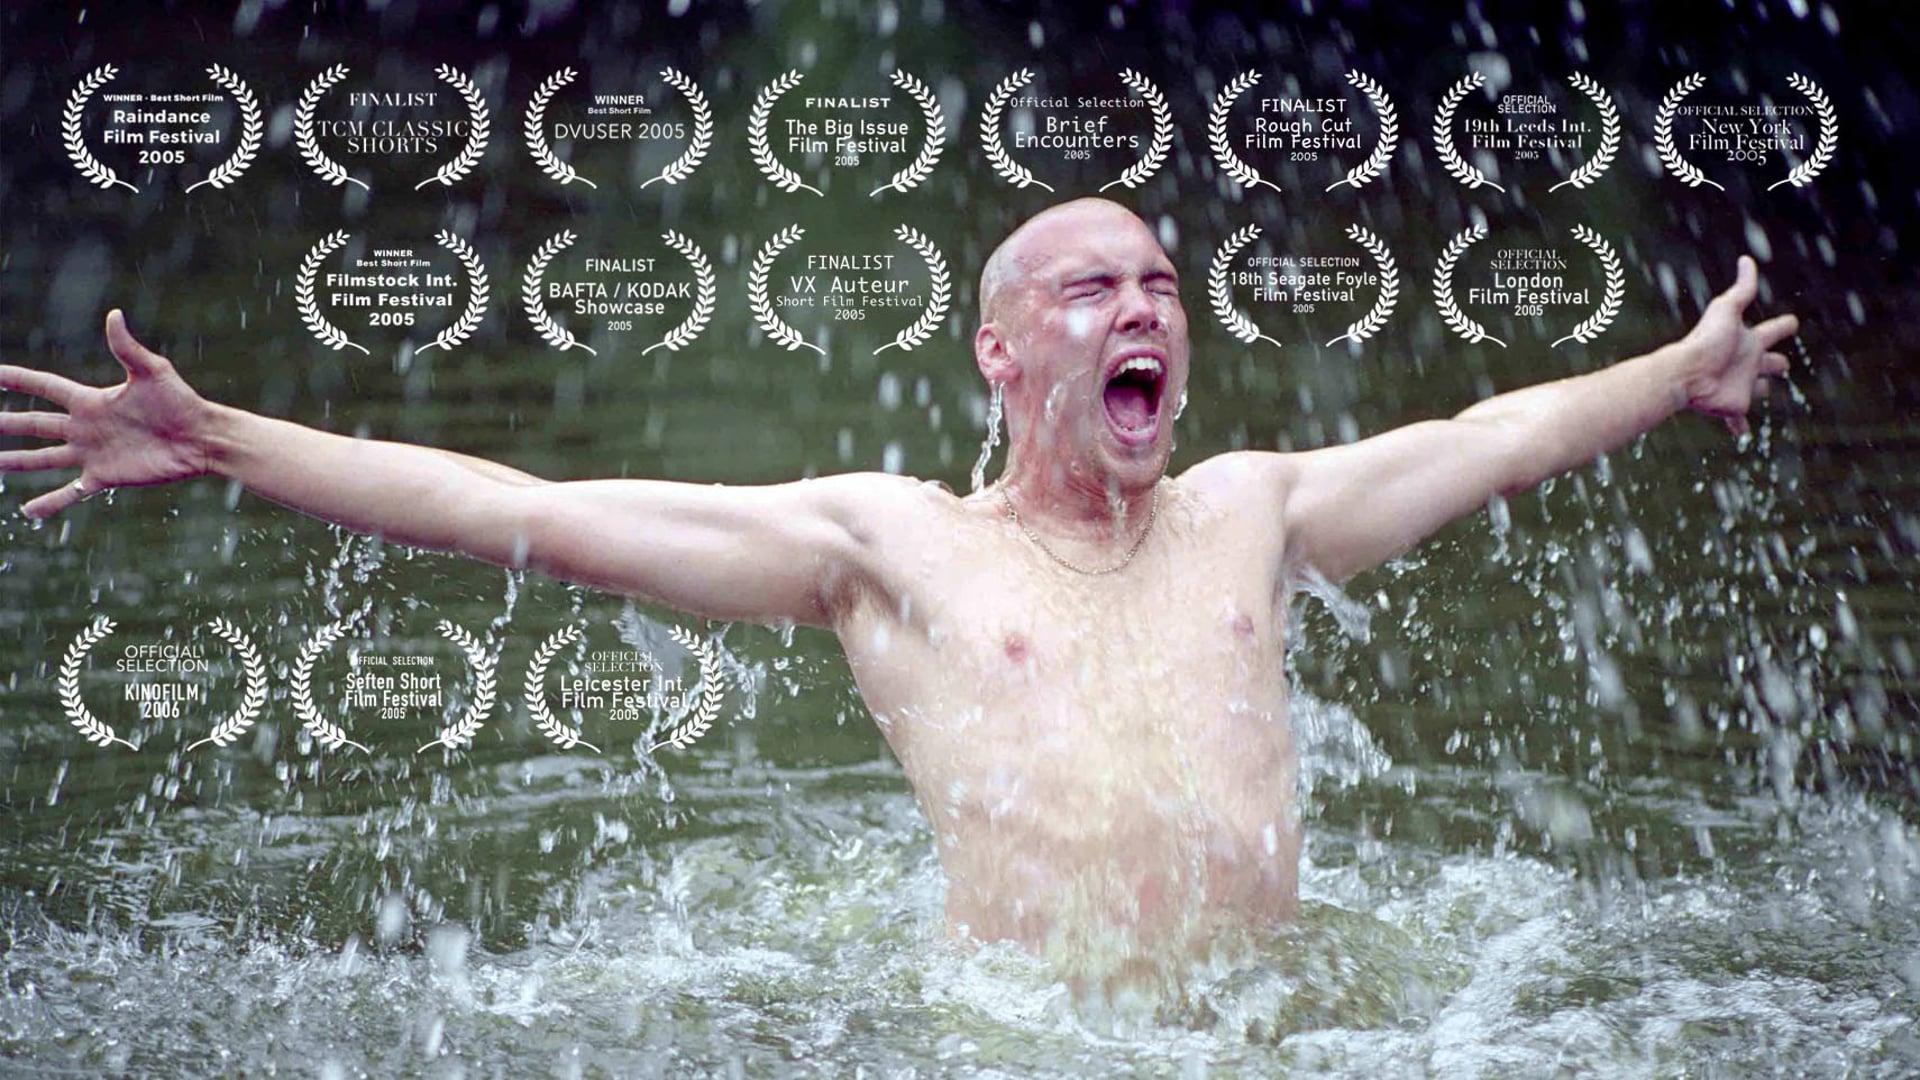 Belly Button (award winning short film)